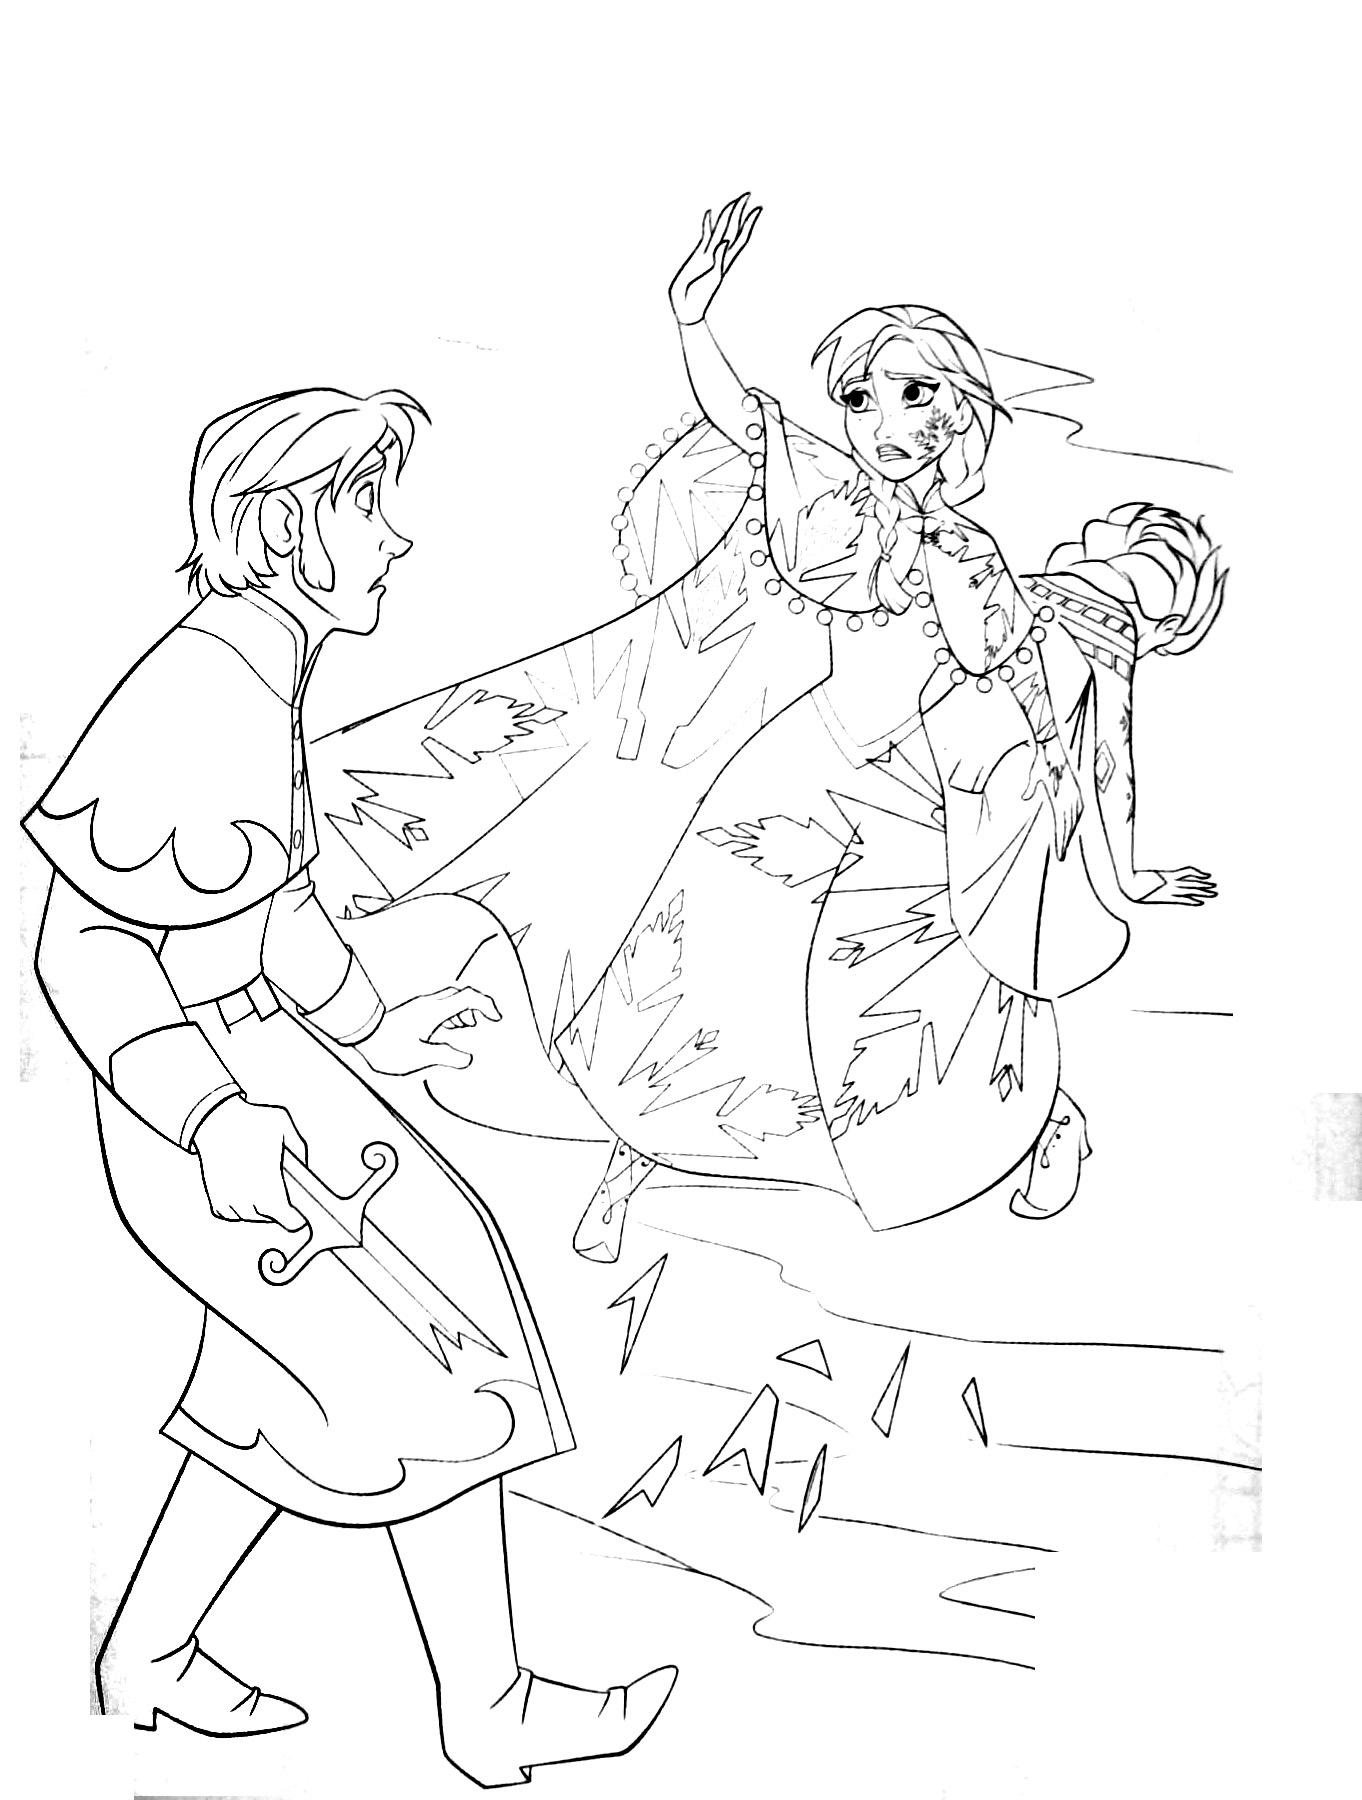 Nos Jeux De Coloriage Reine Des Neiges À Imprimer Gratuit destiné Jeux De Reine Des Neige Gratuit